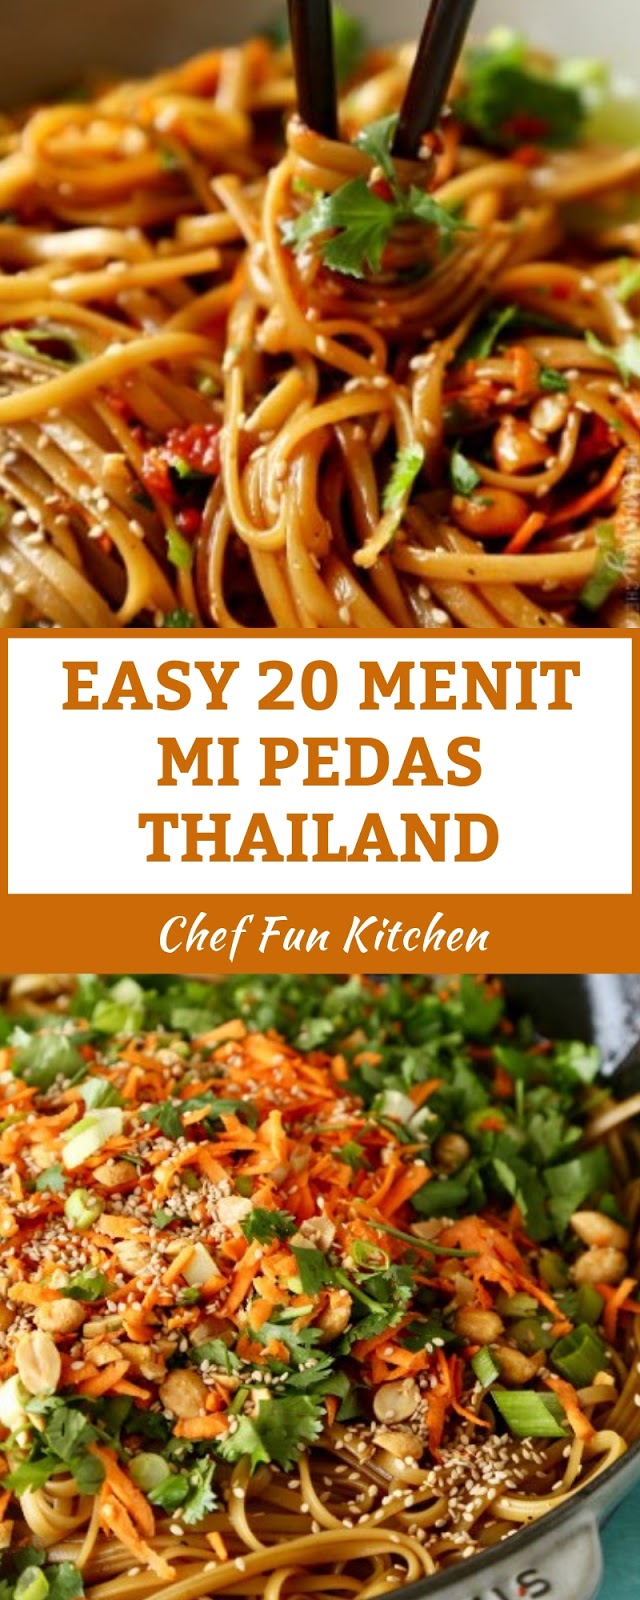 EASY 20 MENIT MI PEDAS THAILAND